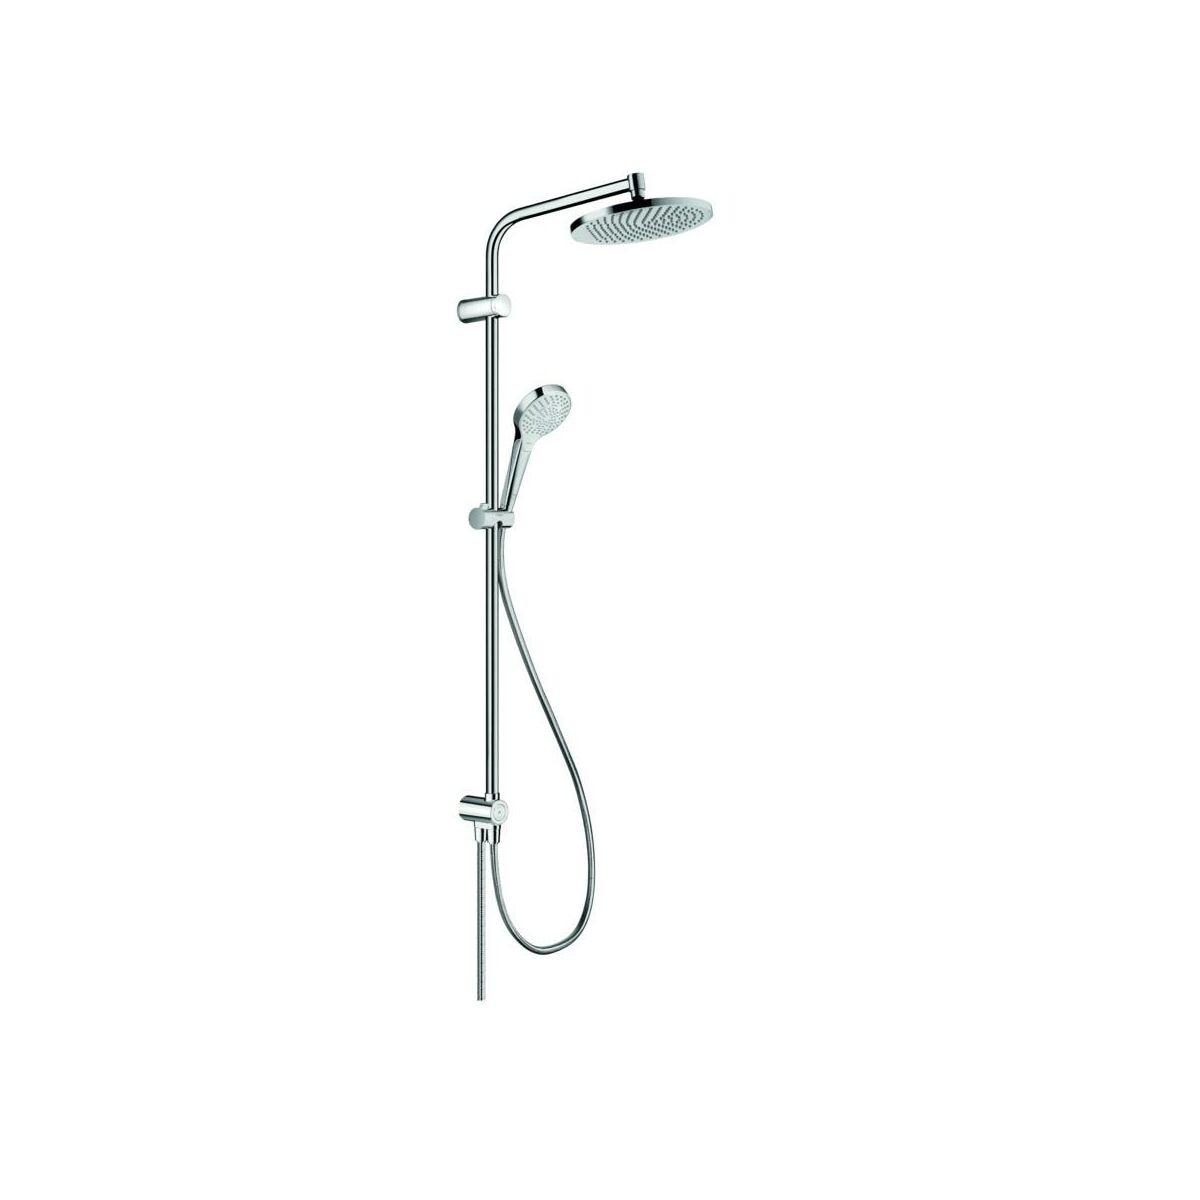 Kolumna Prysznicowa Bez Baterii Lmh Reno Hansgrohe Kolumny Prysznicowe W Atrakcyjnej Cenie W Sklepach Leroy Merlin